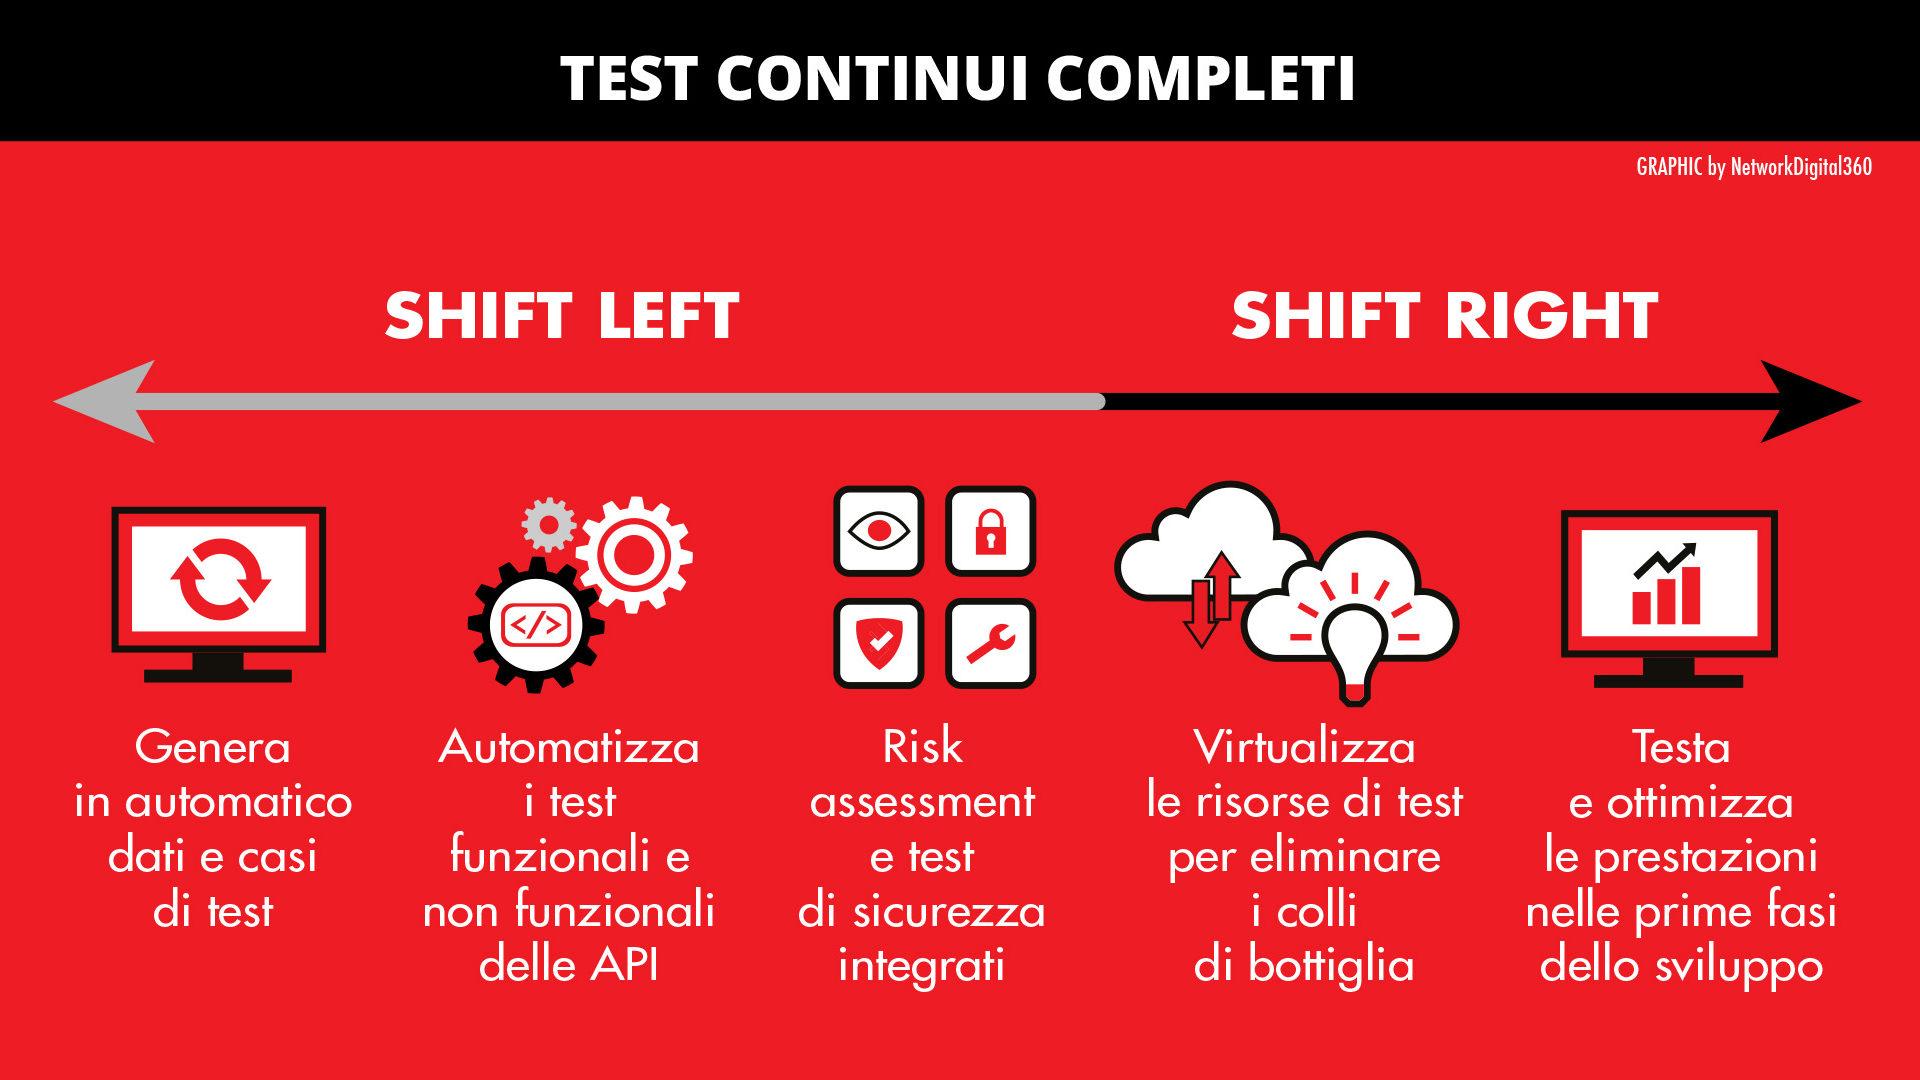 shift-left e shift-right test